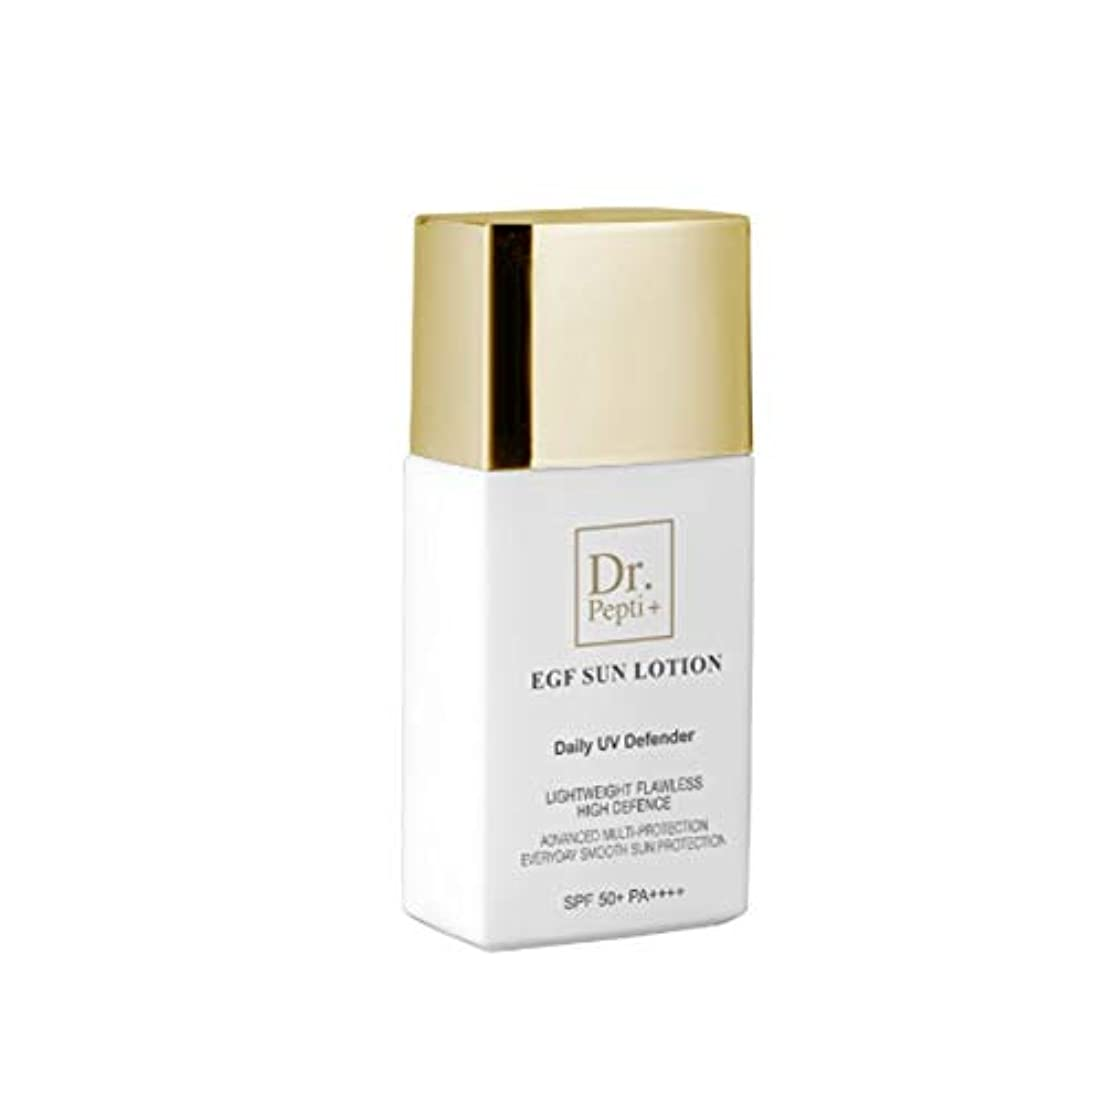 発掘するかるサーキットに行くジェイアンドコーシュドクターペプチEGFサンローション50mlサンクリーム韓国コスメ、J&Coceu Dr.Pepti+ EGF Sun Lotion 50ml Sun Cream Korean Cosmetics [並行輸入品]